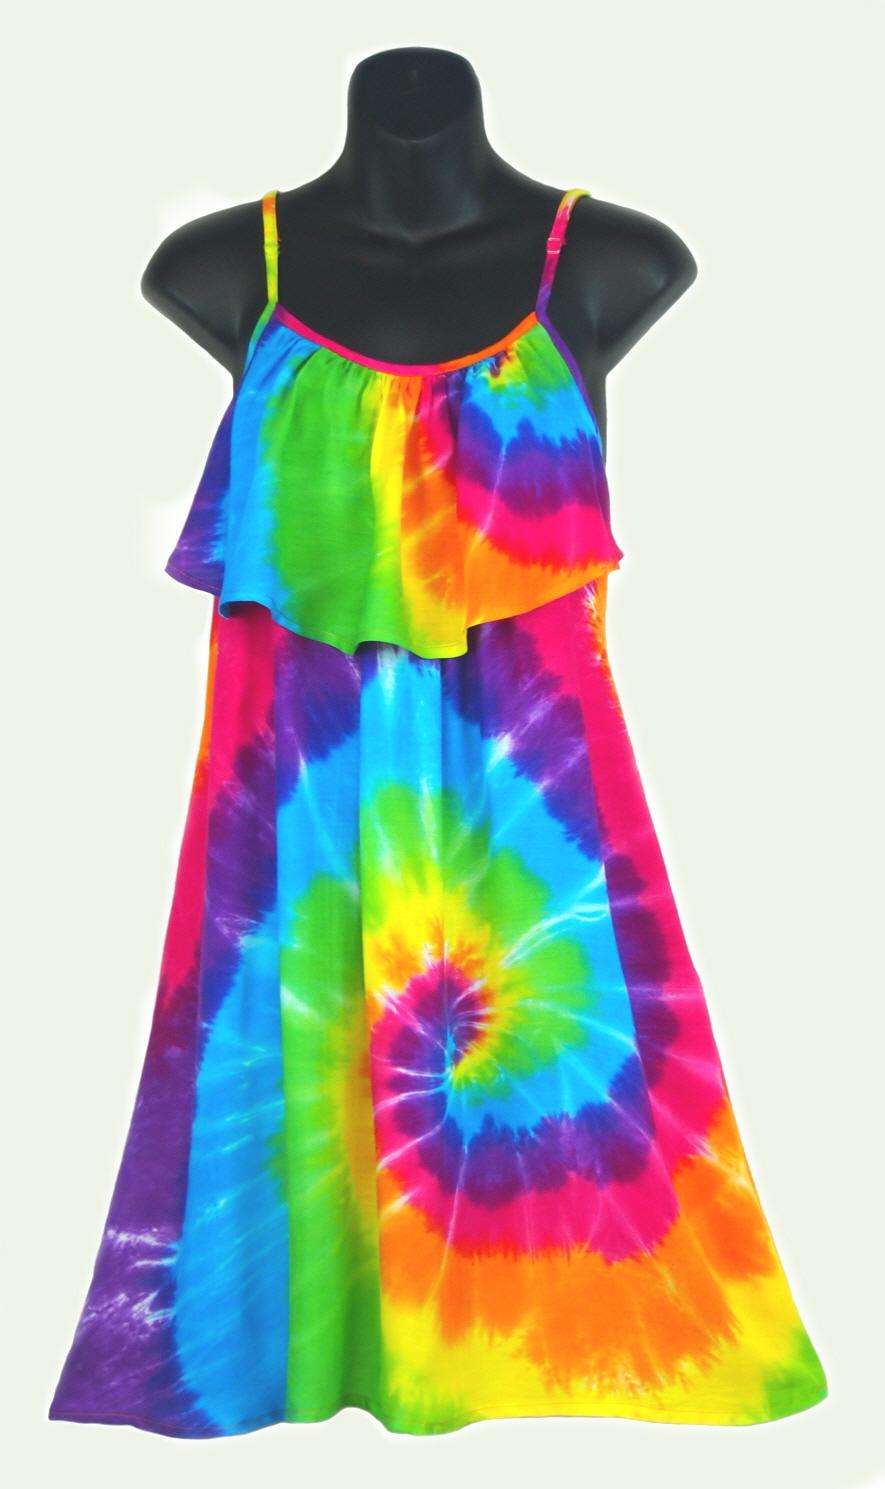 rainbow tie dye dress photo - 1